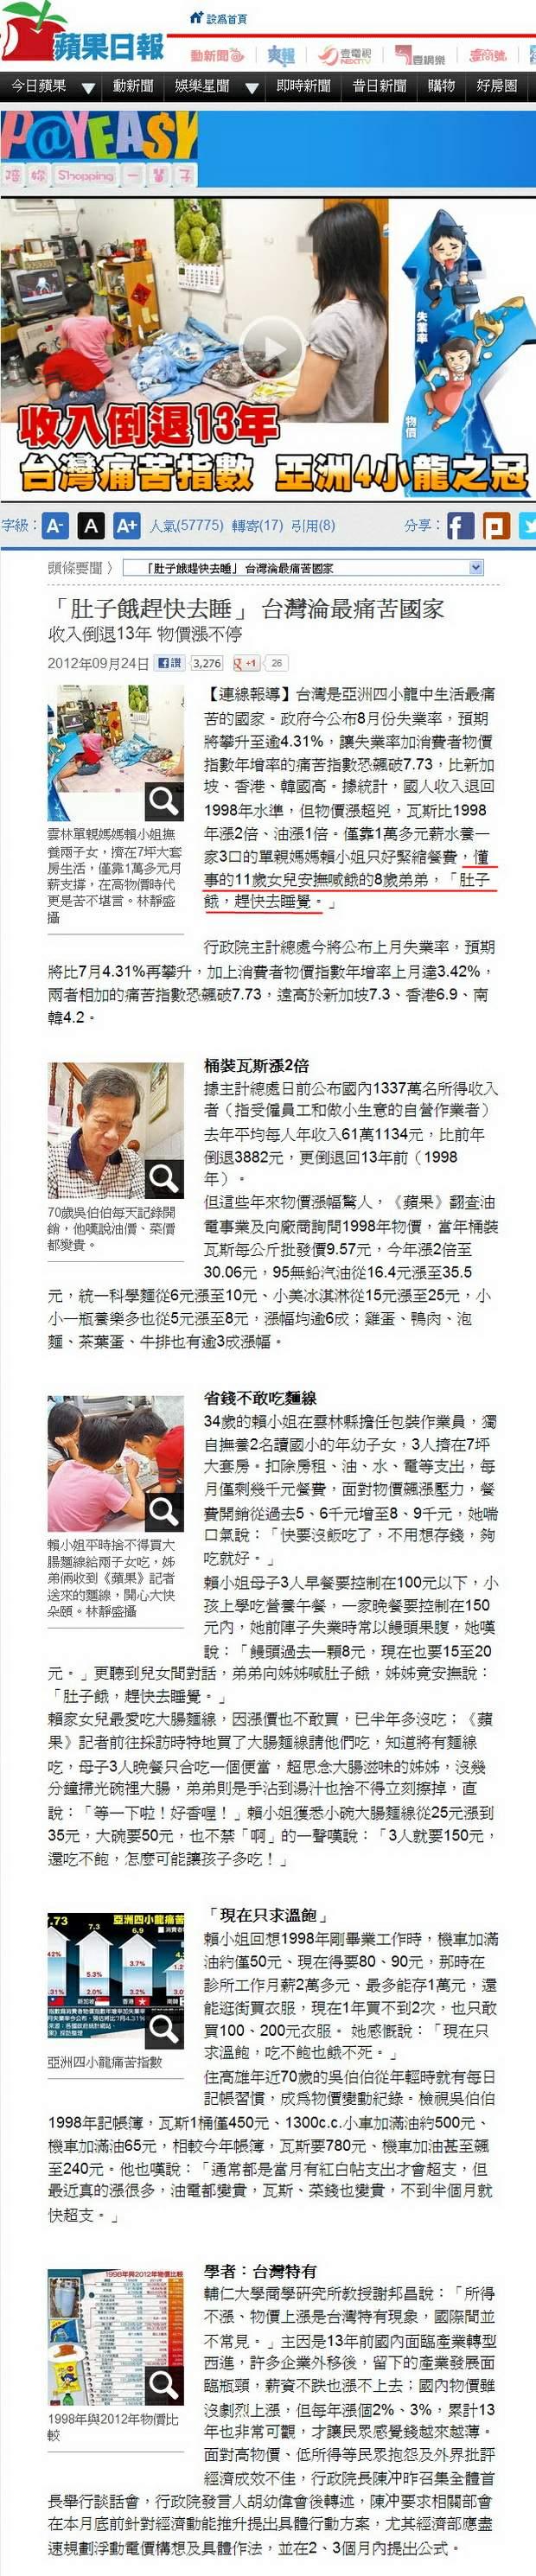 「肚子餓趕快去睡」 台灣淪最痛苦國家-2012.09.24-01